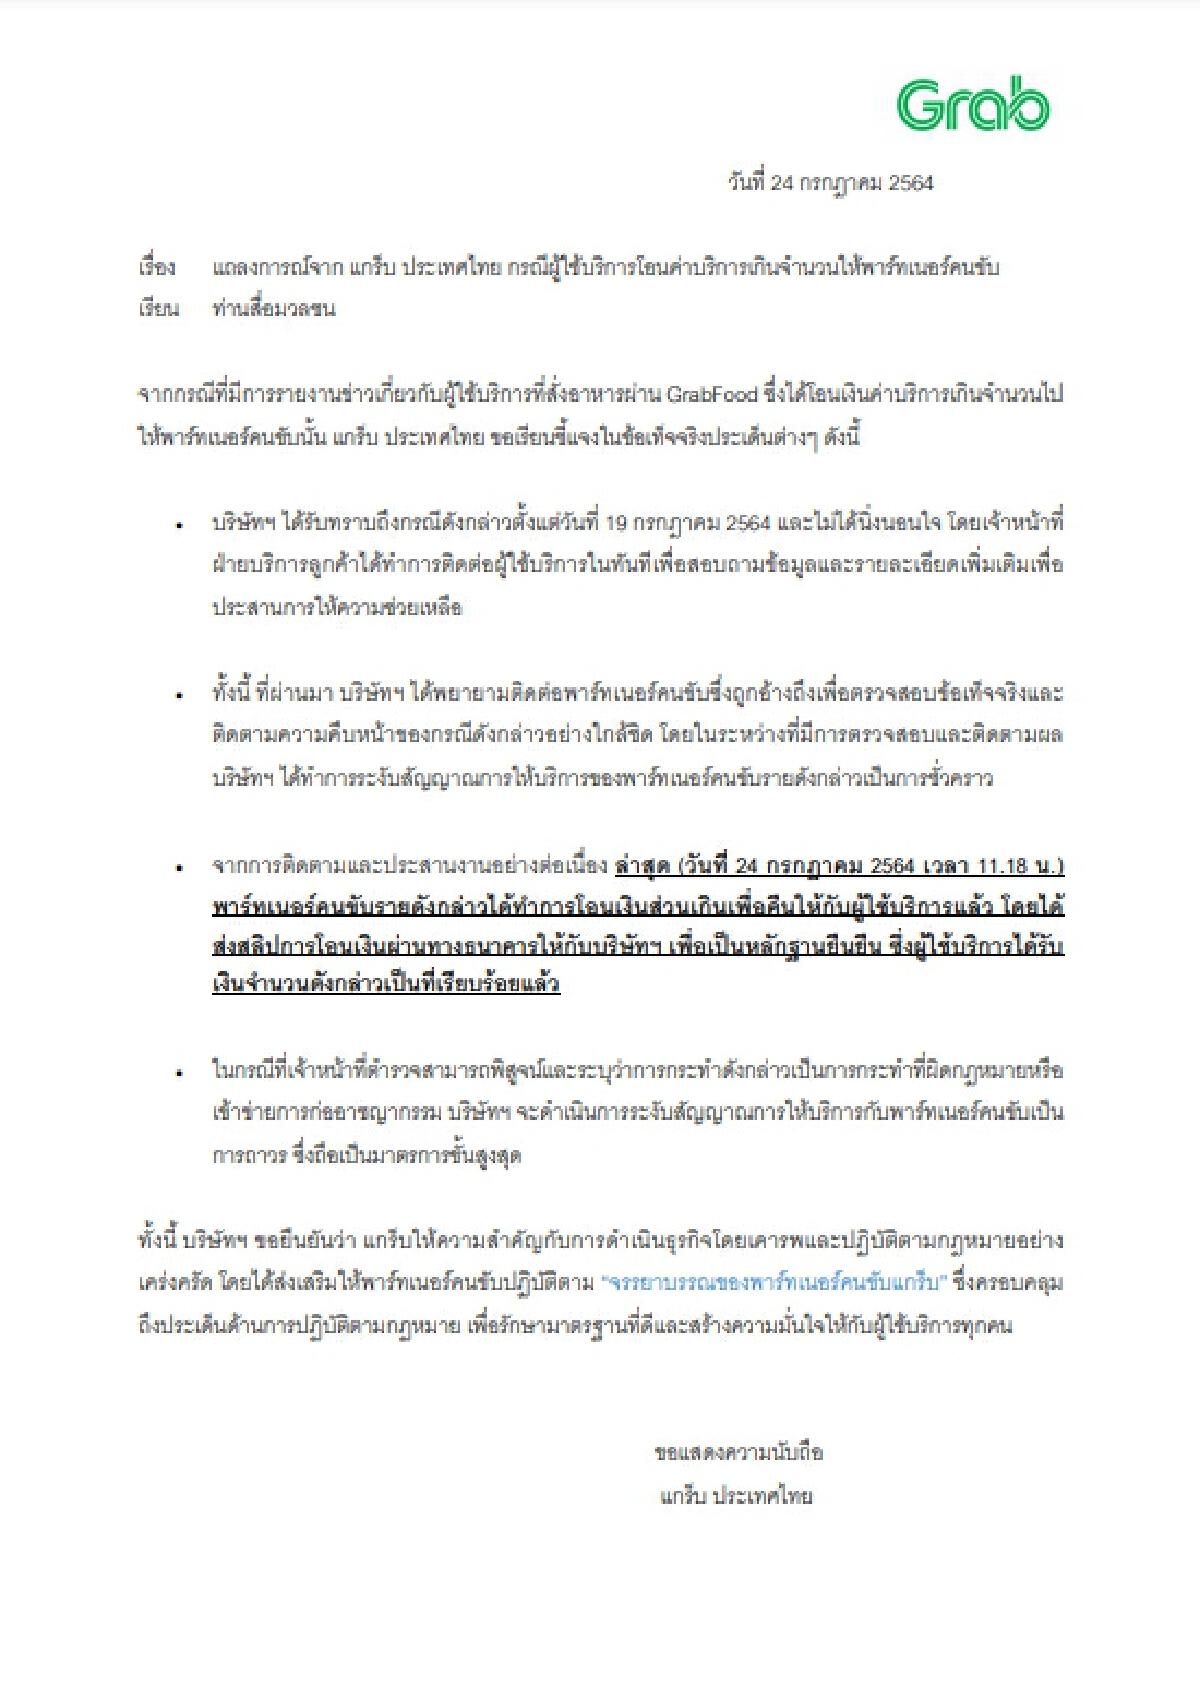 แกร็บ ประเทศไทย แจงกรณียายโอนเงินเกินให้ไรเดอร์ ล่าสุดได้เงินคืนแล้ว